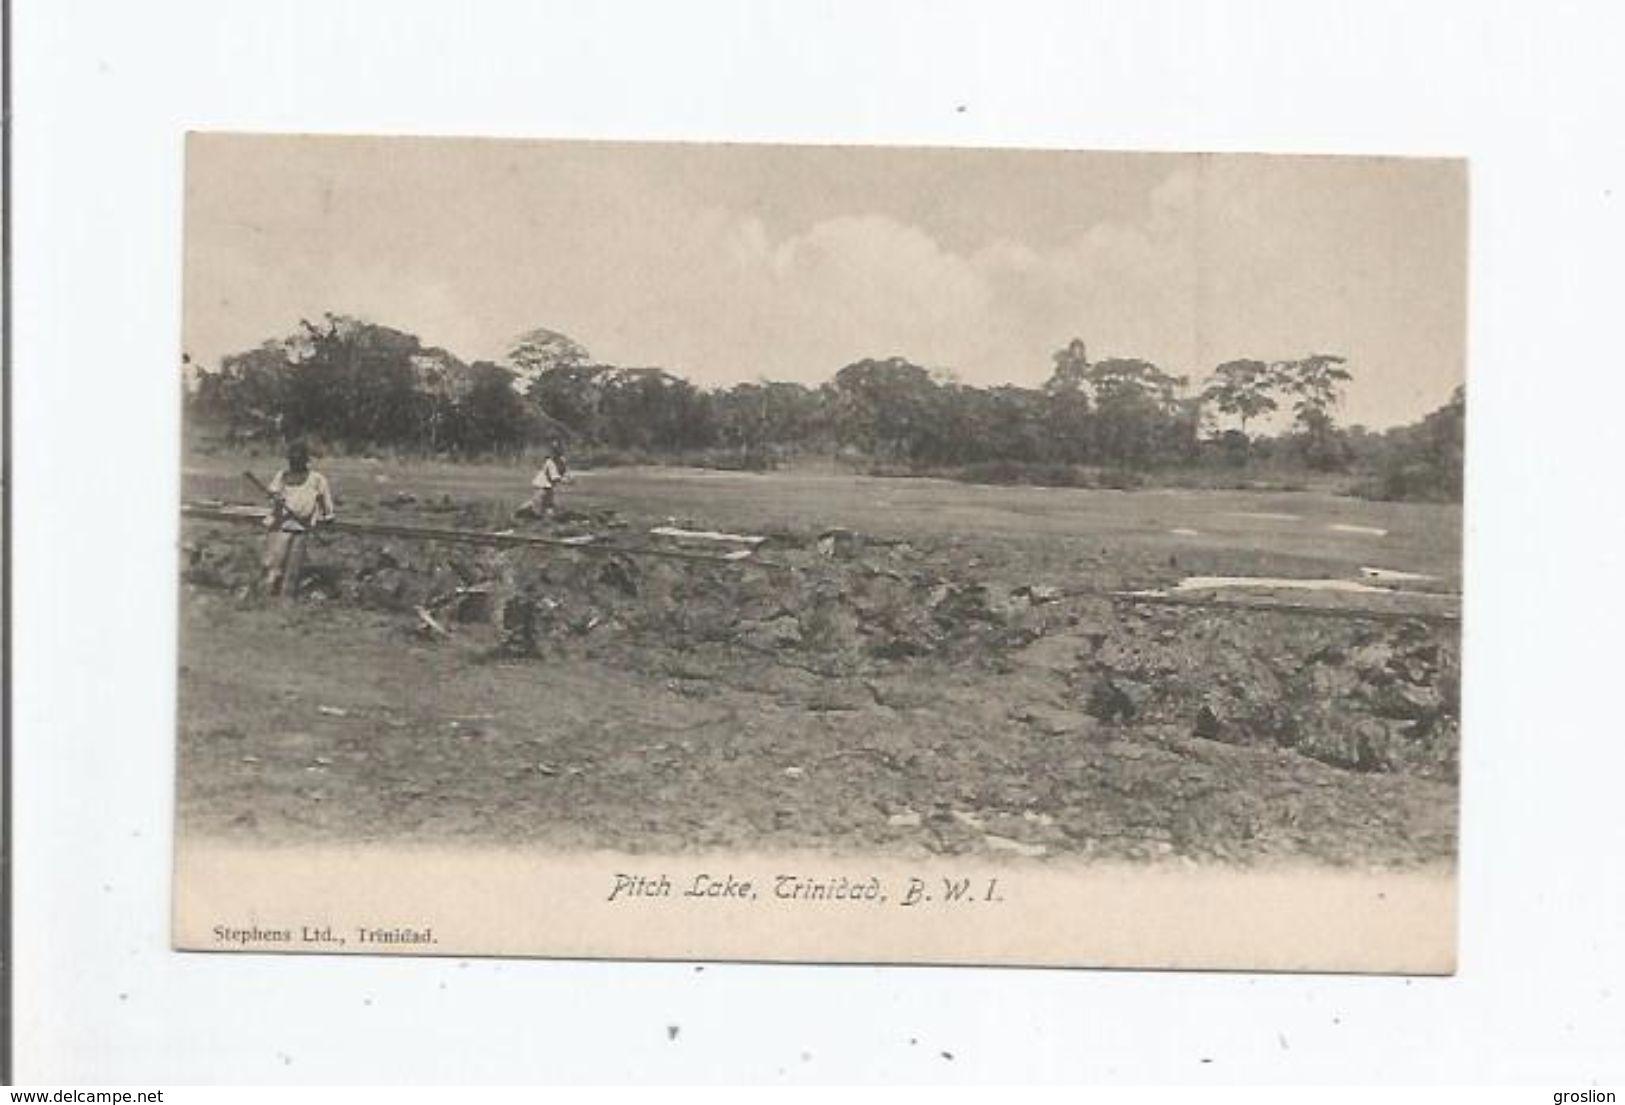 TRINIDAD (TRINITE ET TOBAGO) 12 50068 PITCH LAKE B W I - Trinidad